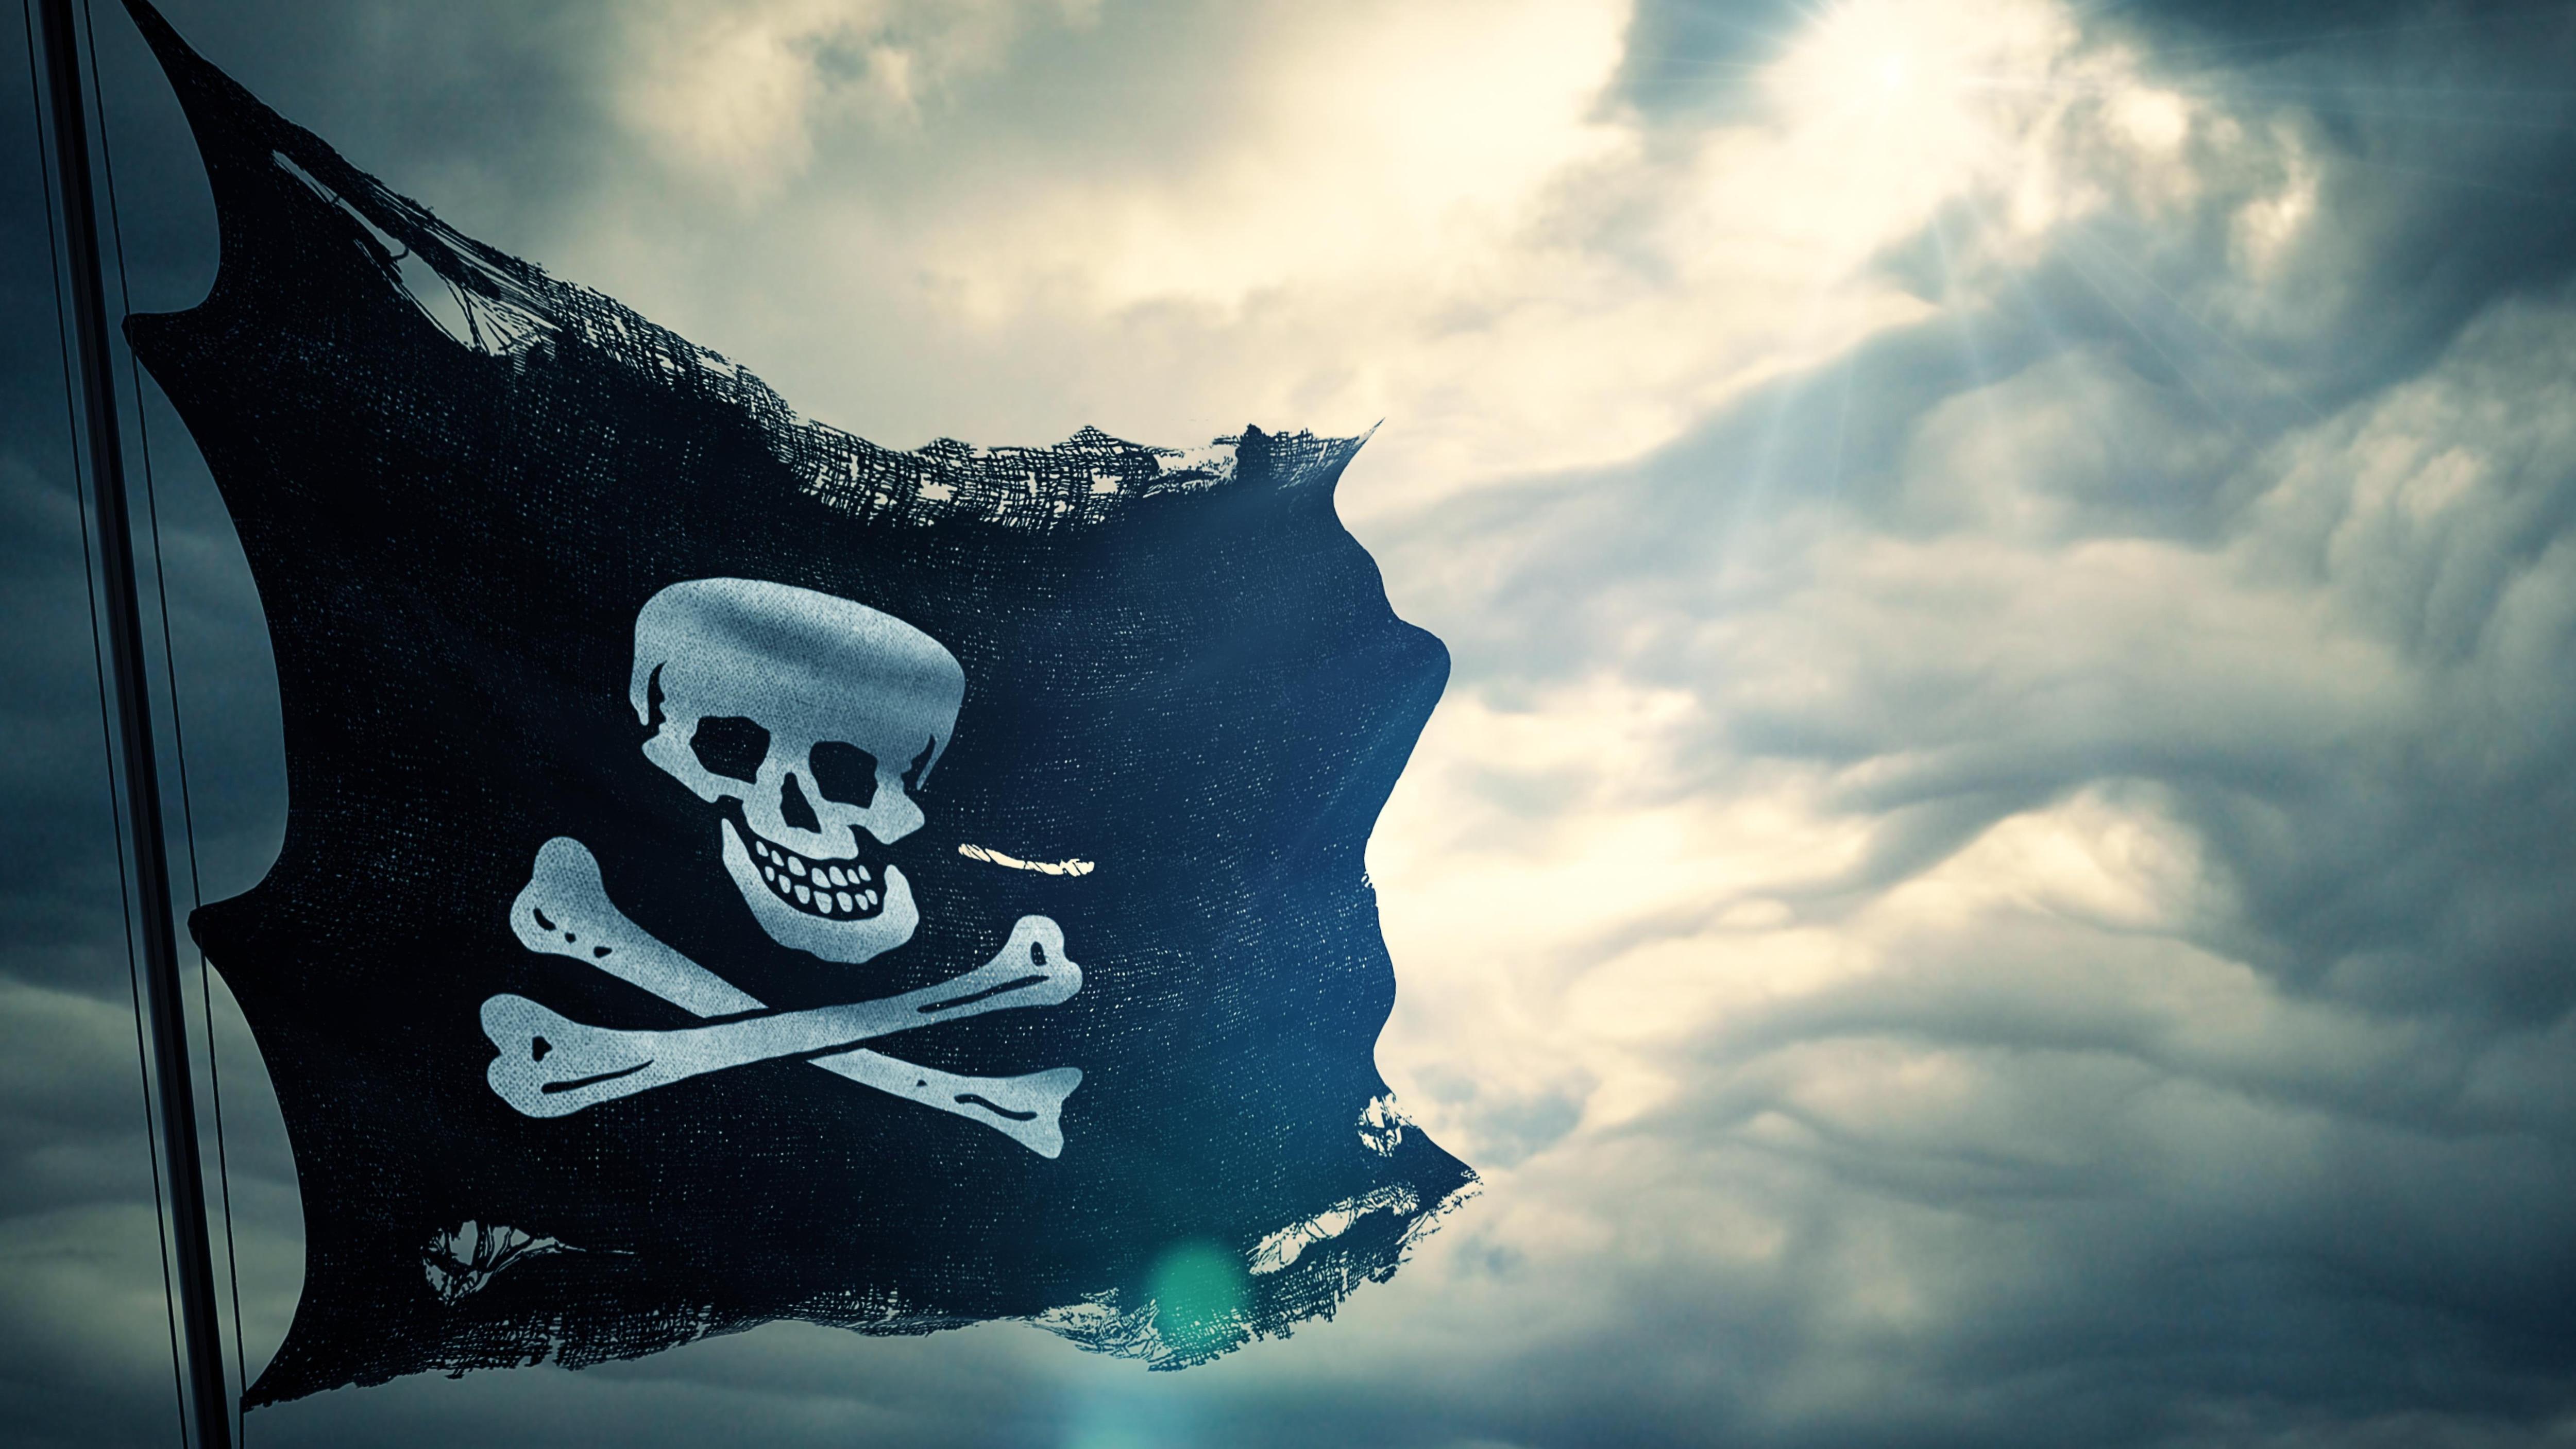 L'histoire Épique Des Pirates, Ces Voleurs Épris De Liberté dedans Histoires De Pirates Gratuit